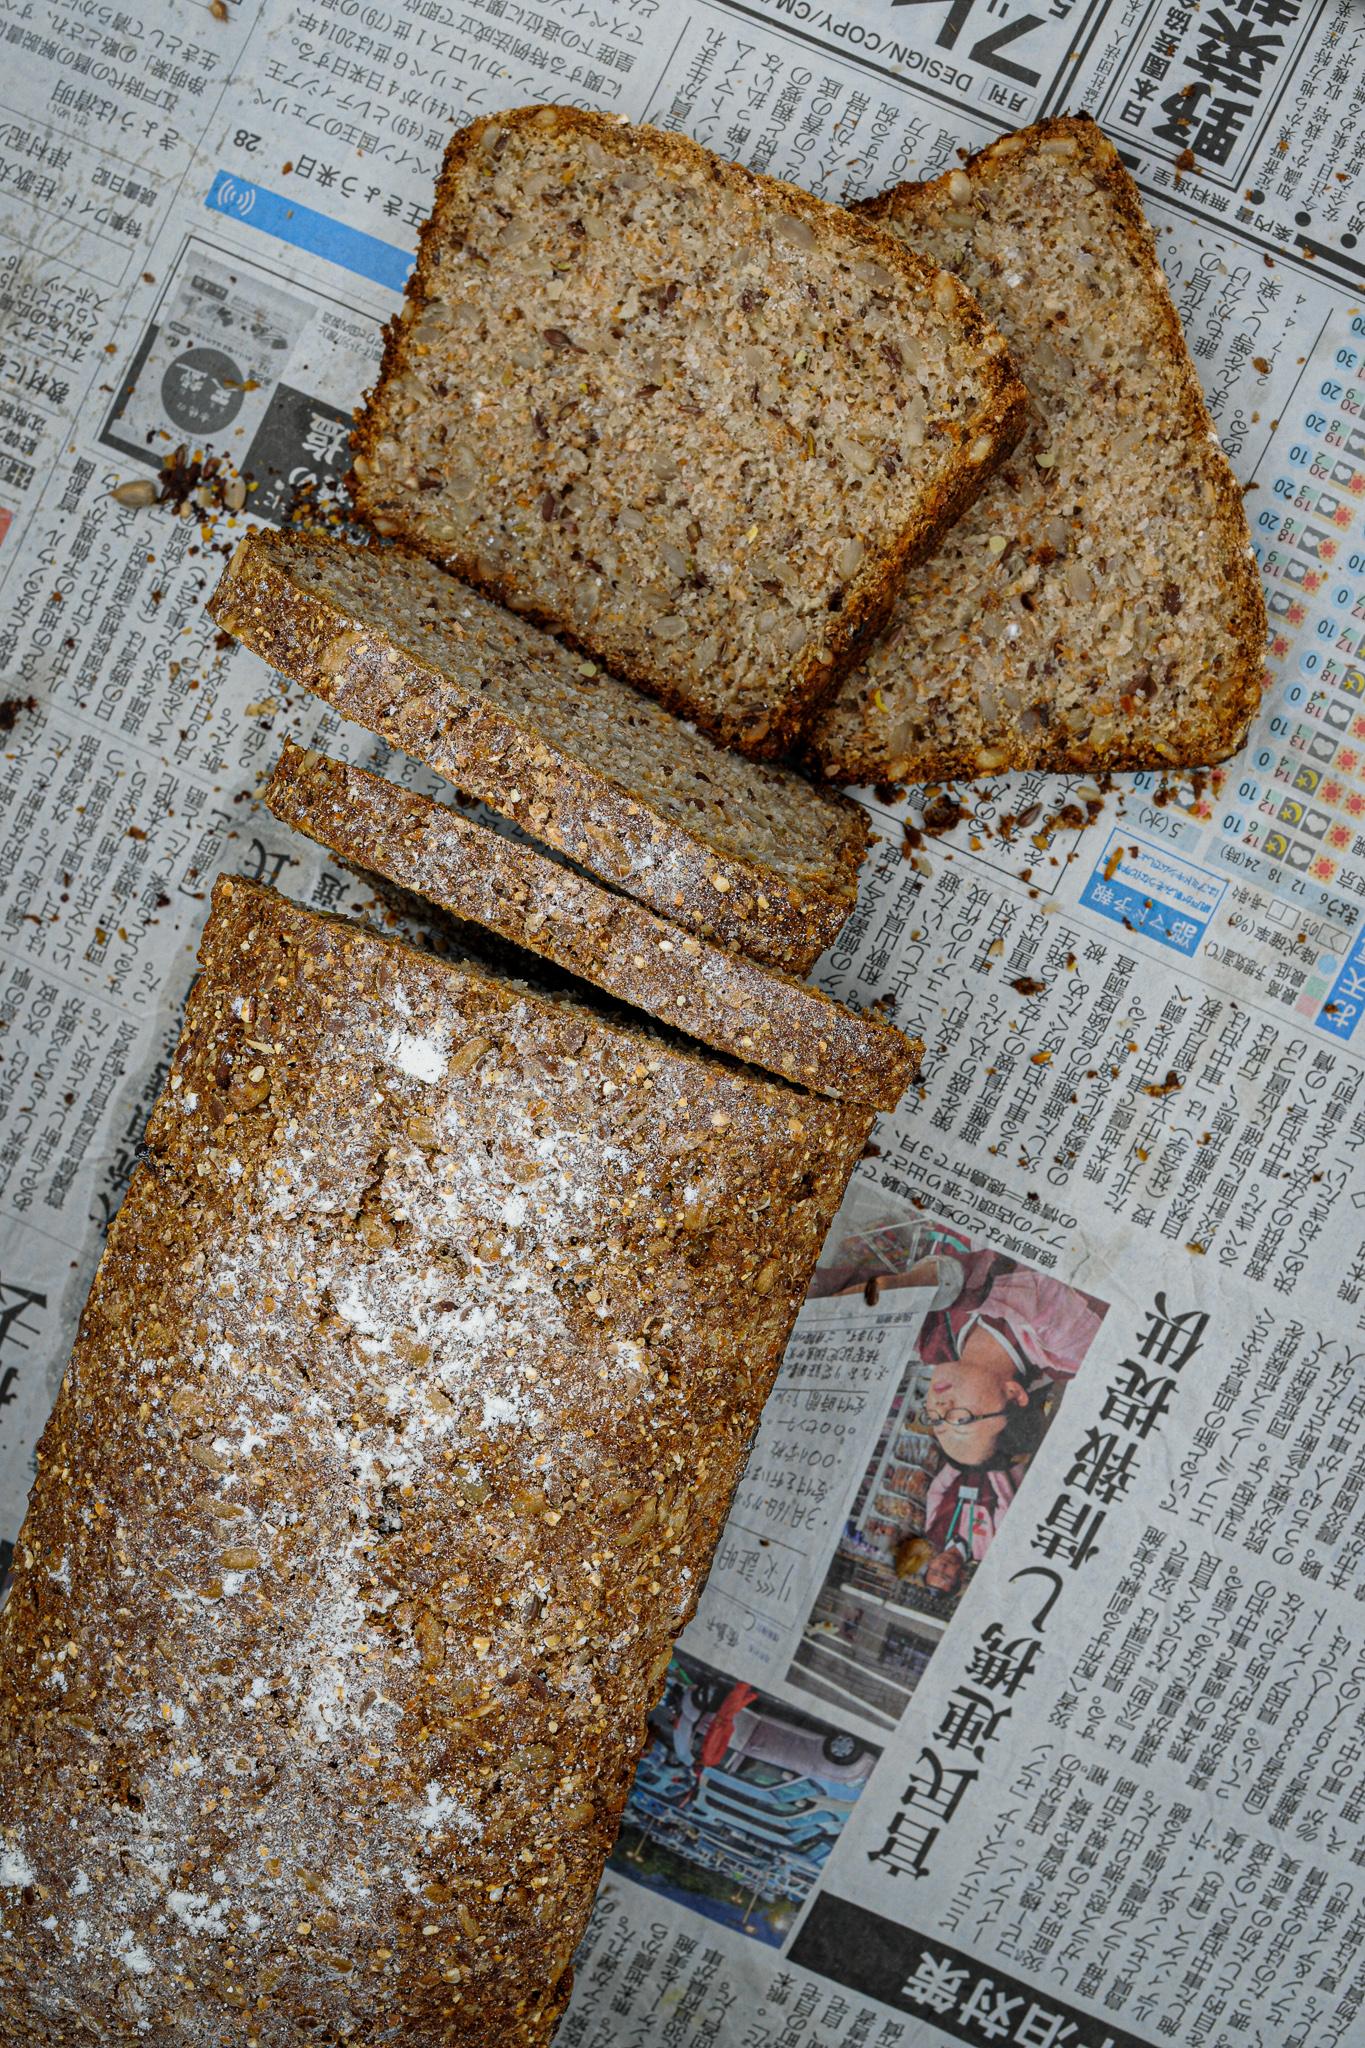 recette photographie culinaire auteure labelaure babka pain complet petit épeautre céréales fait-maison